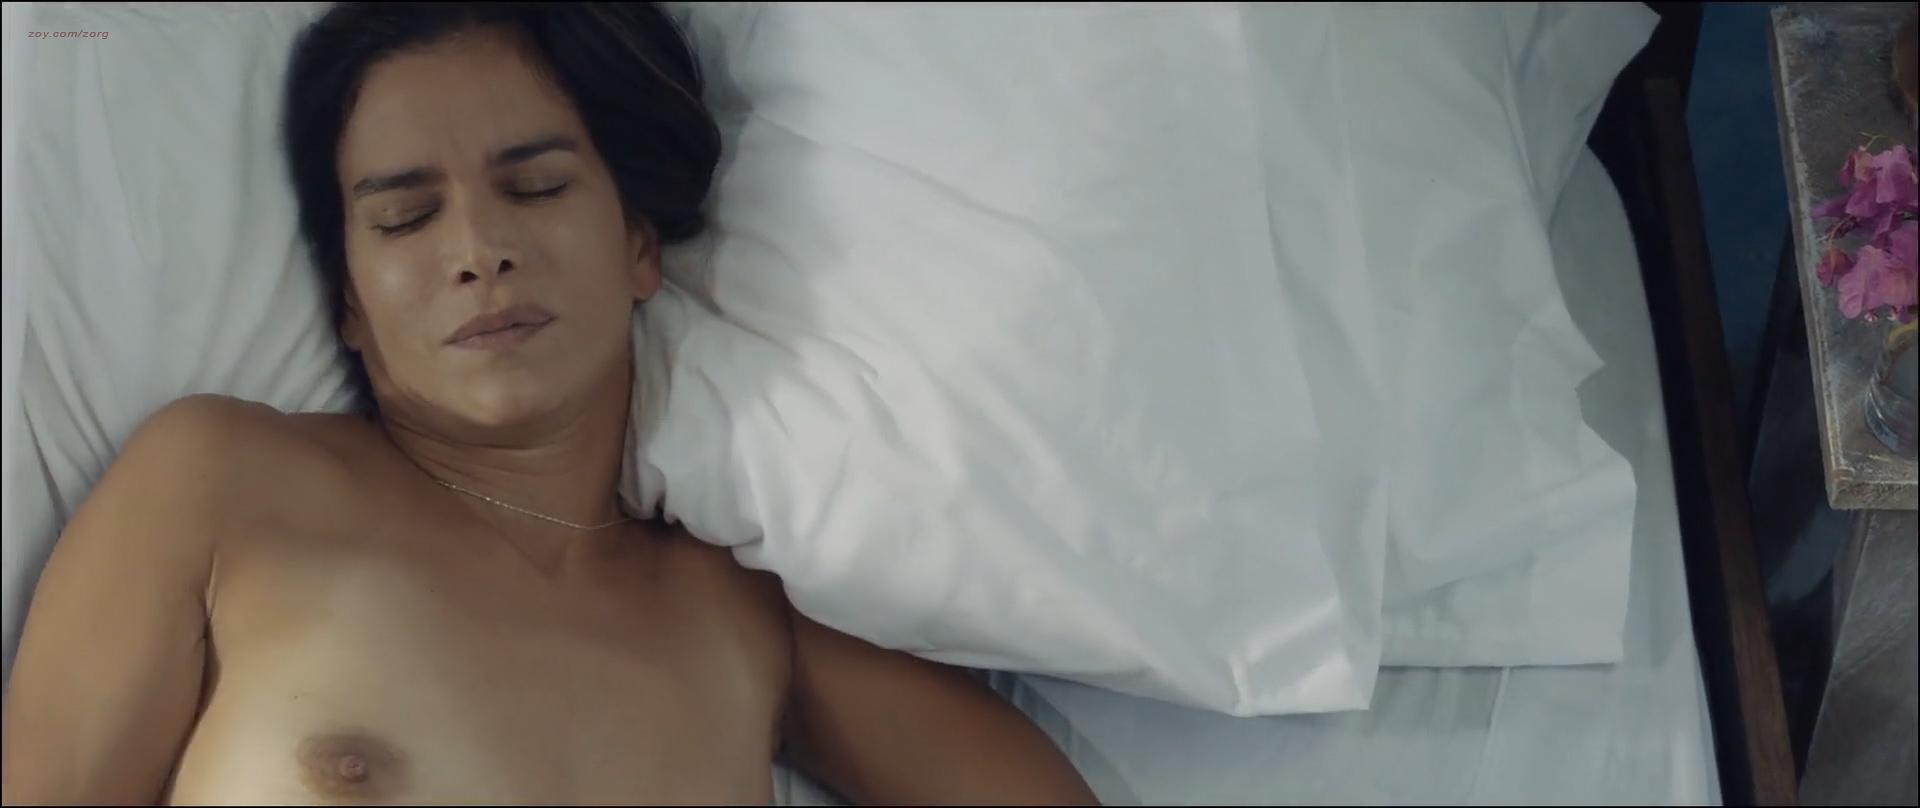 Video Eloisa Maturen nude photos 2019